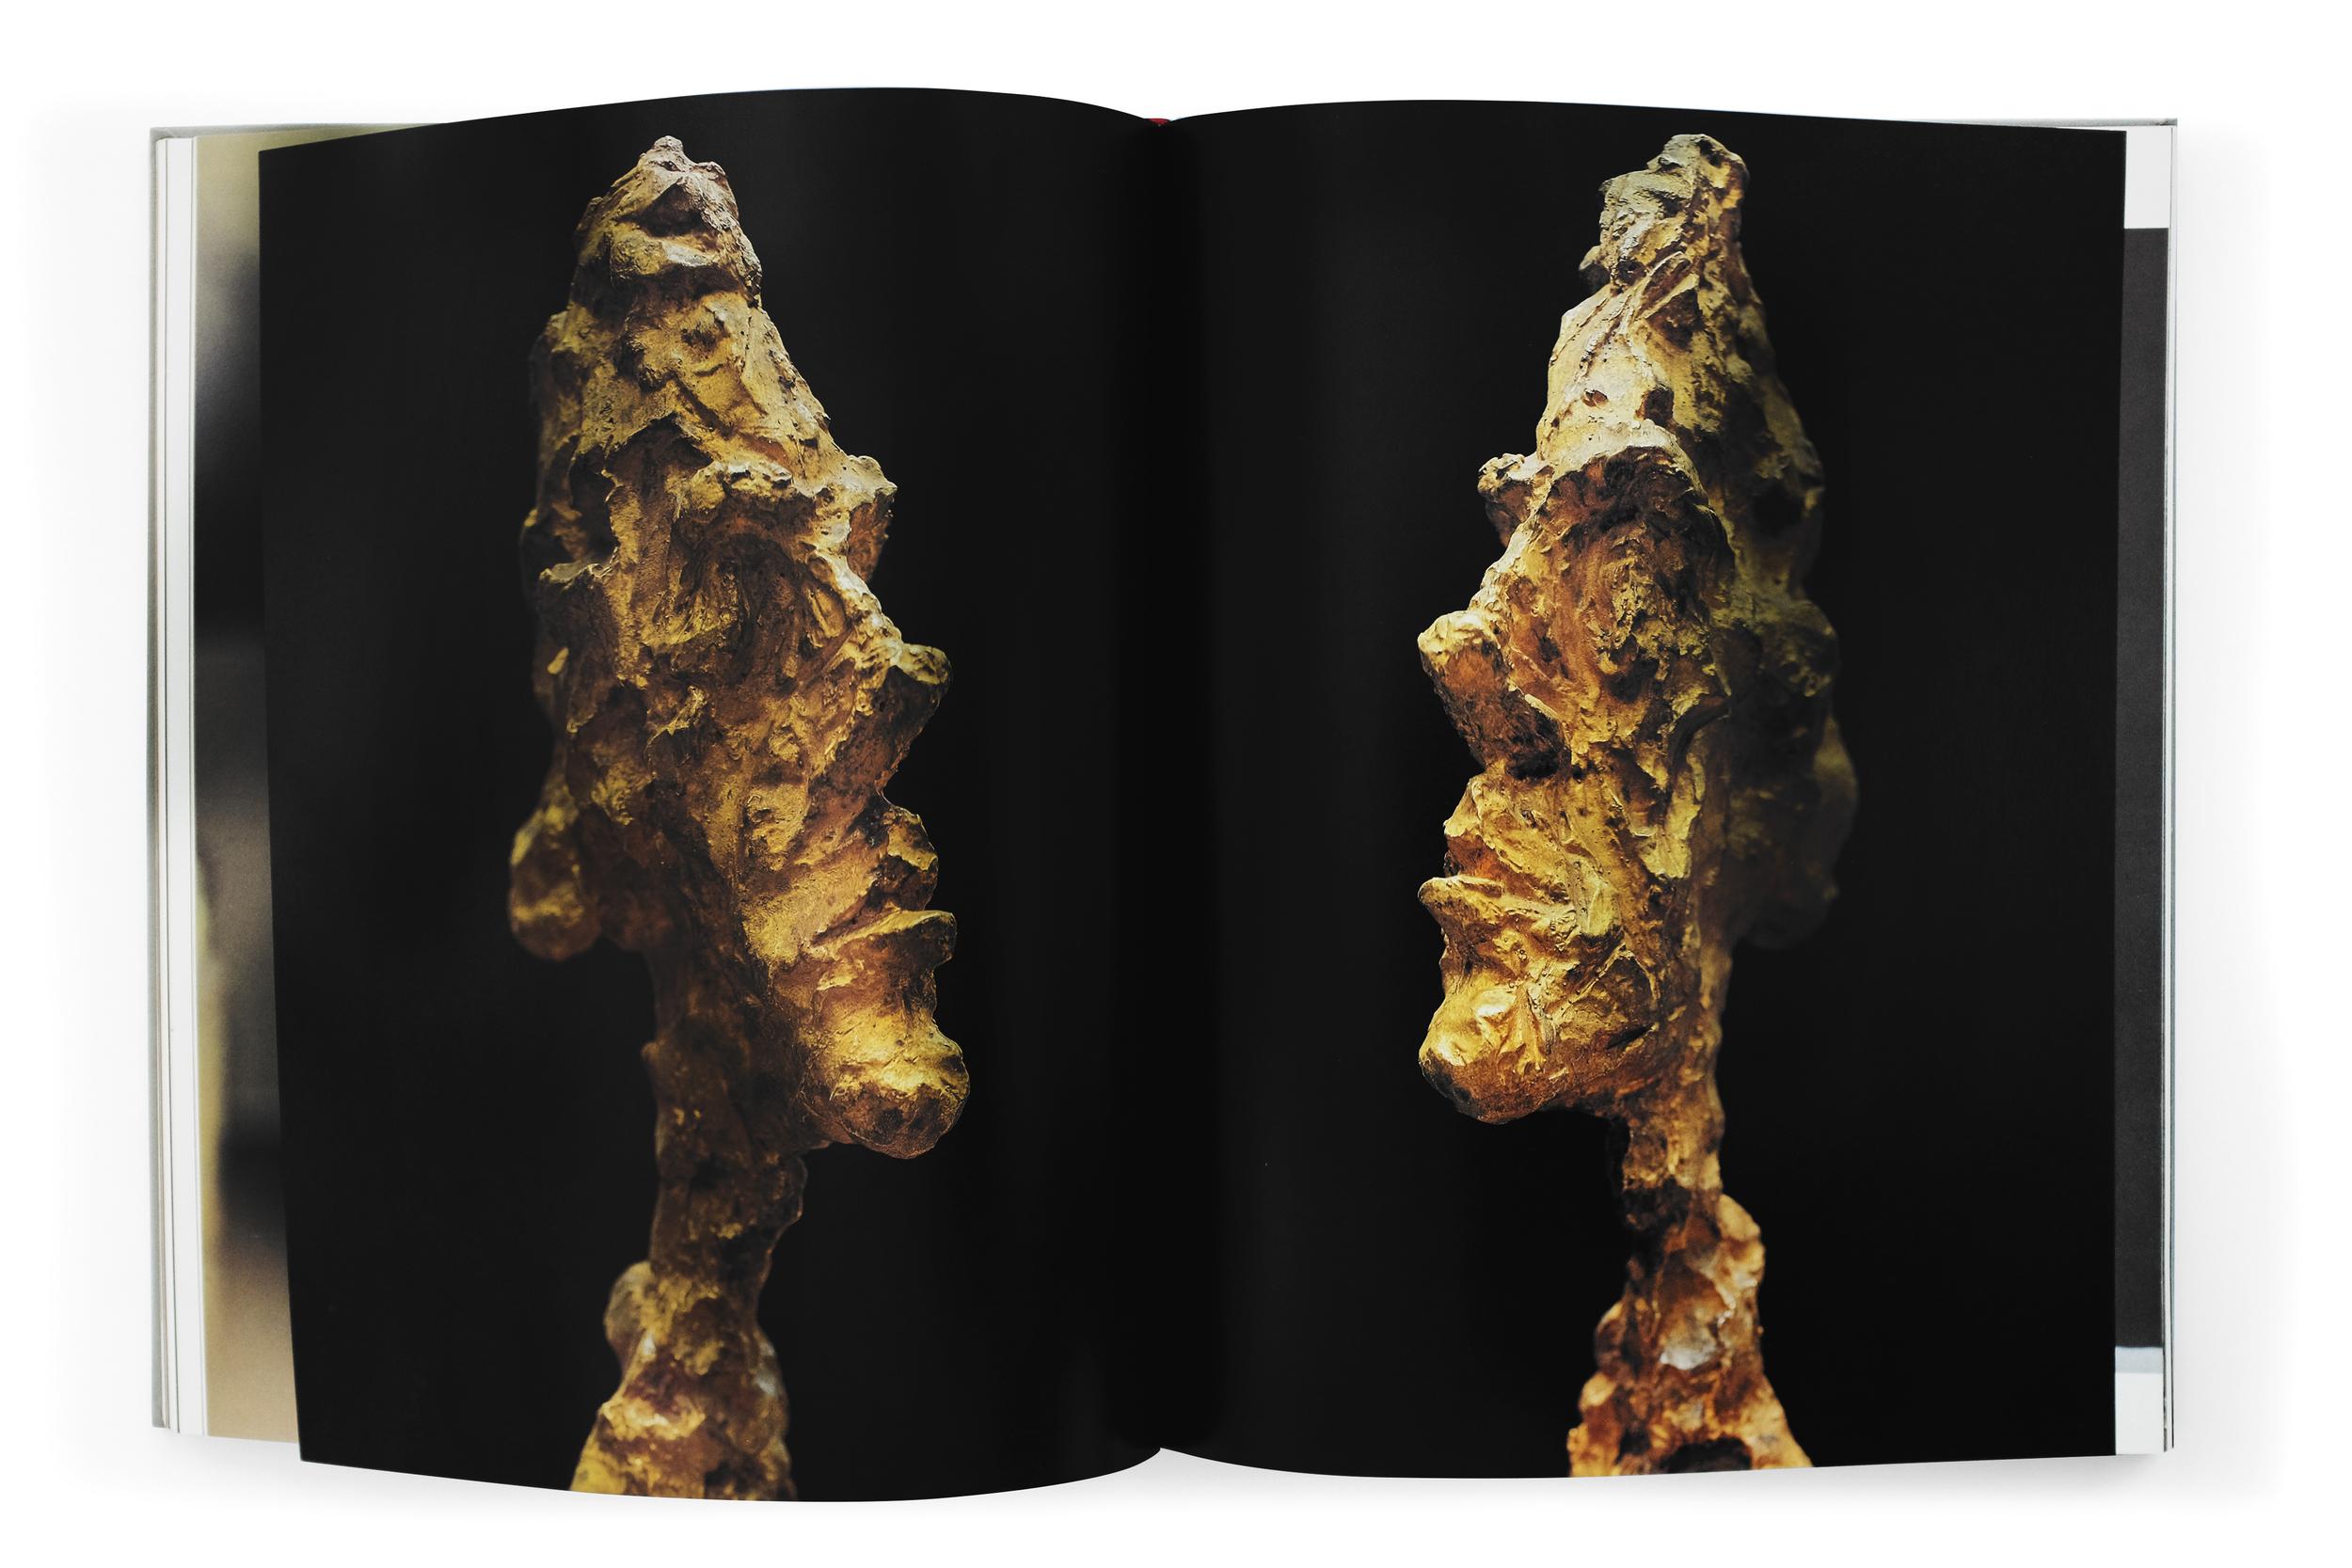 giacometti_book34.jpg